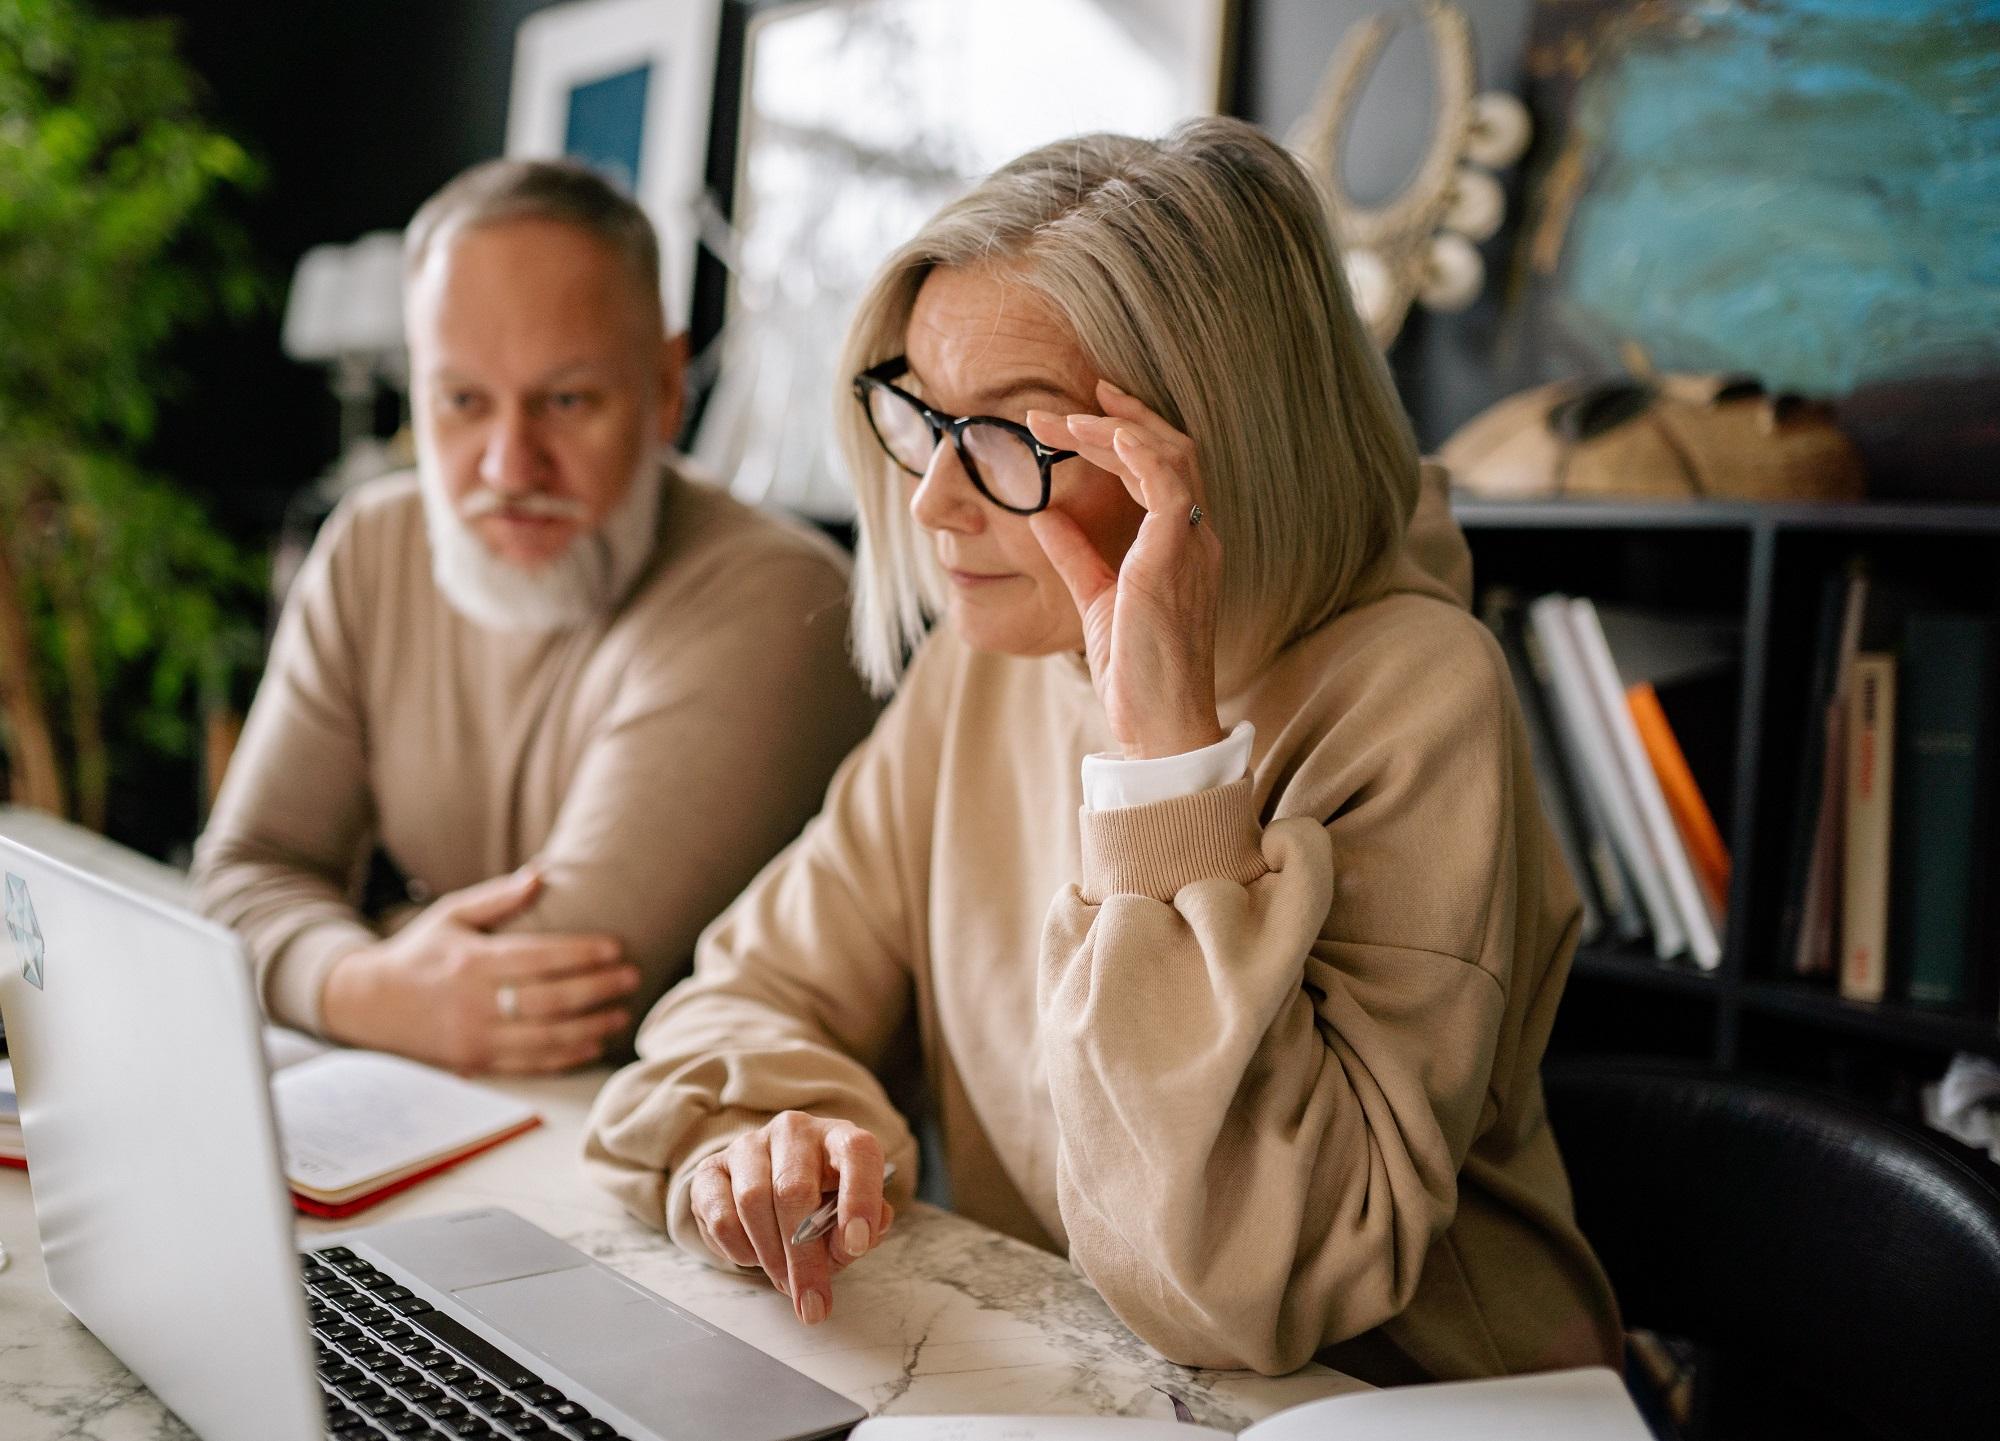 kobieta i męzczyzna nad laptopem